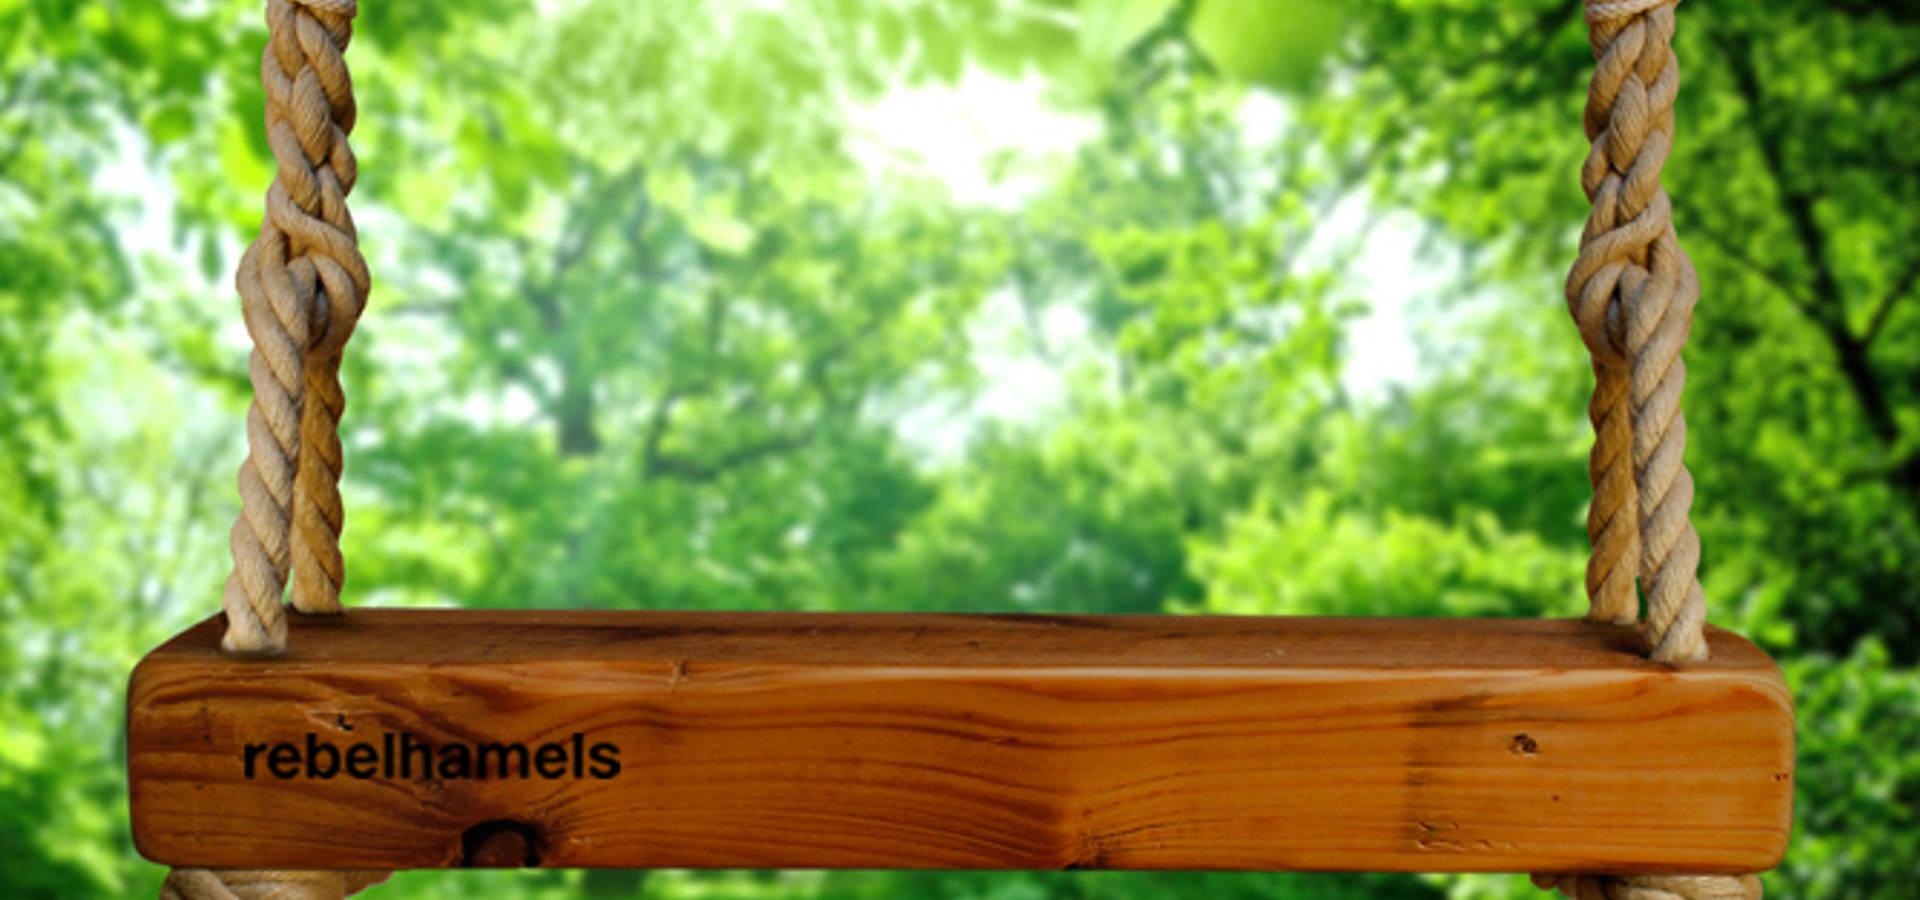 Rebelhamels